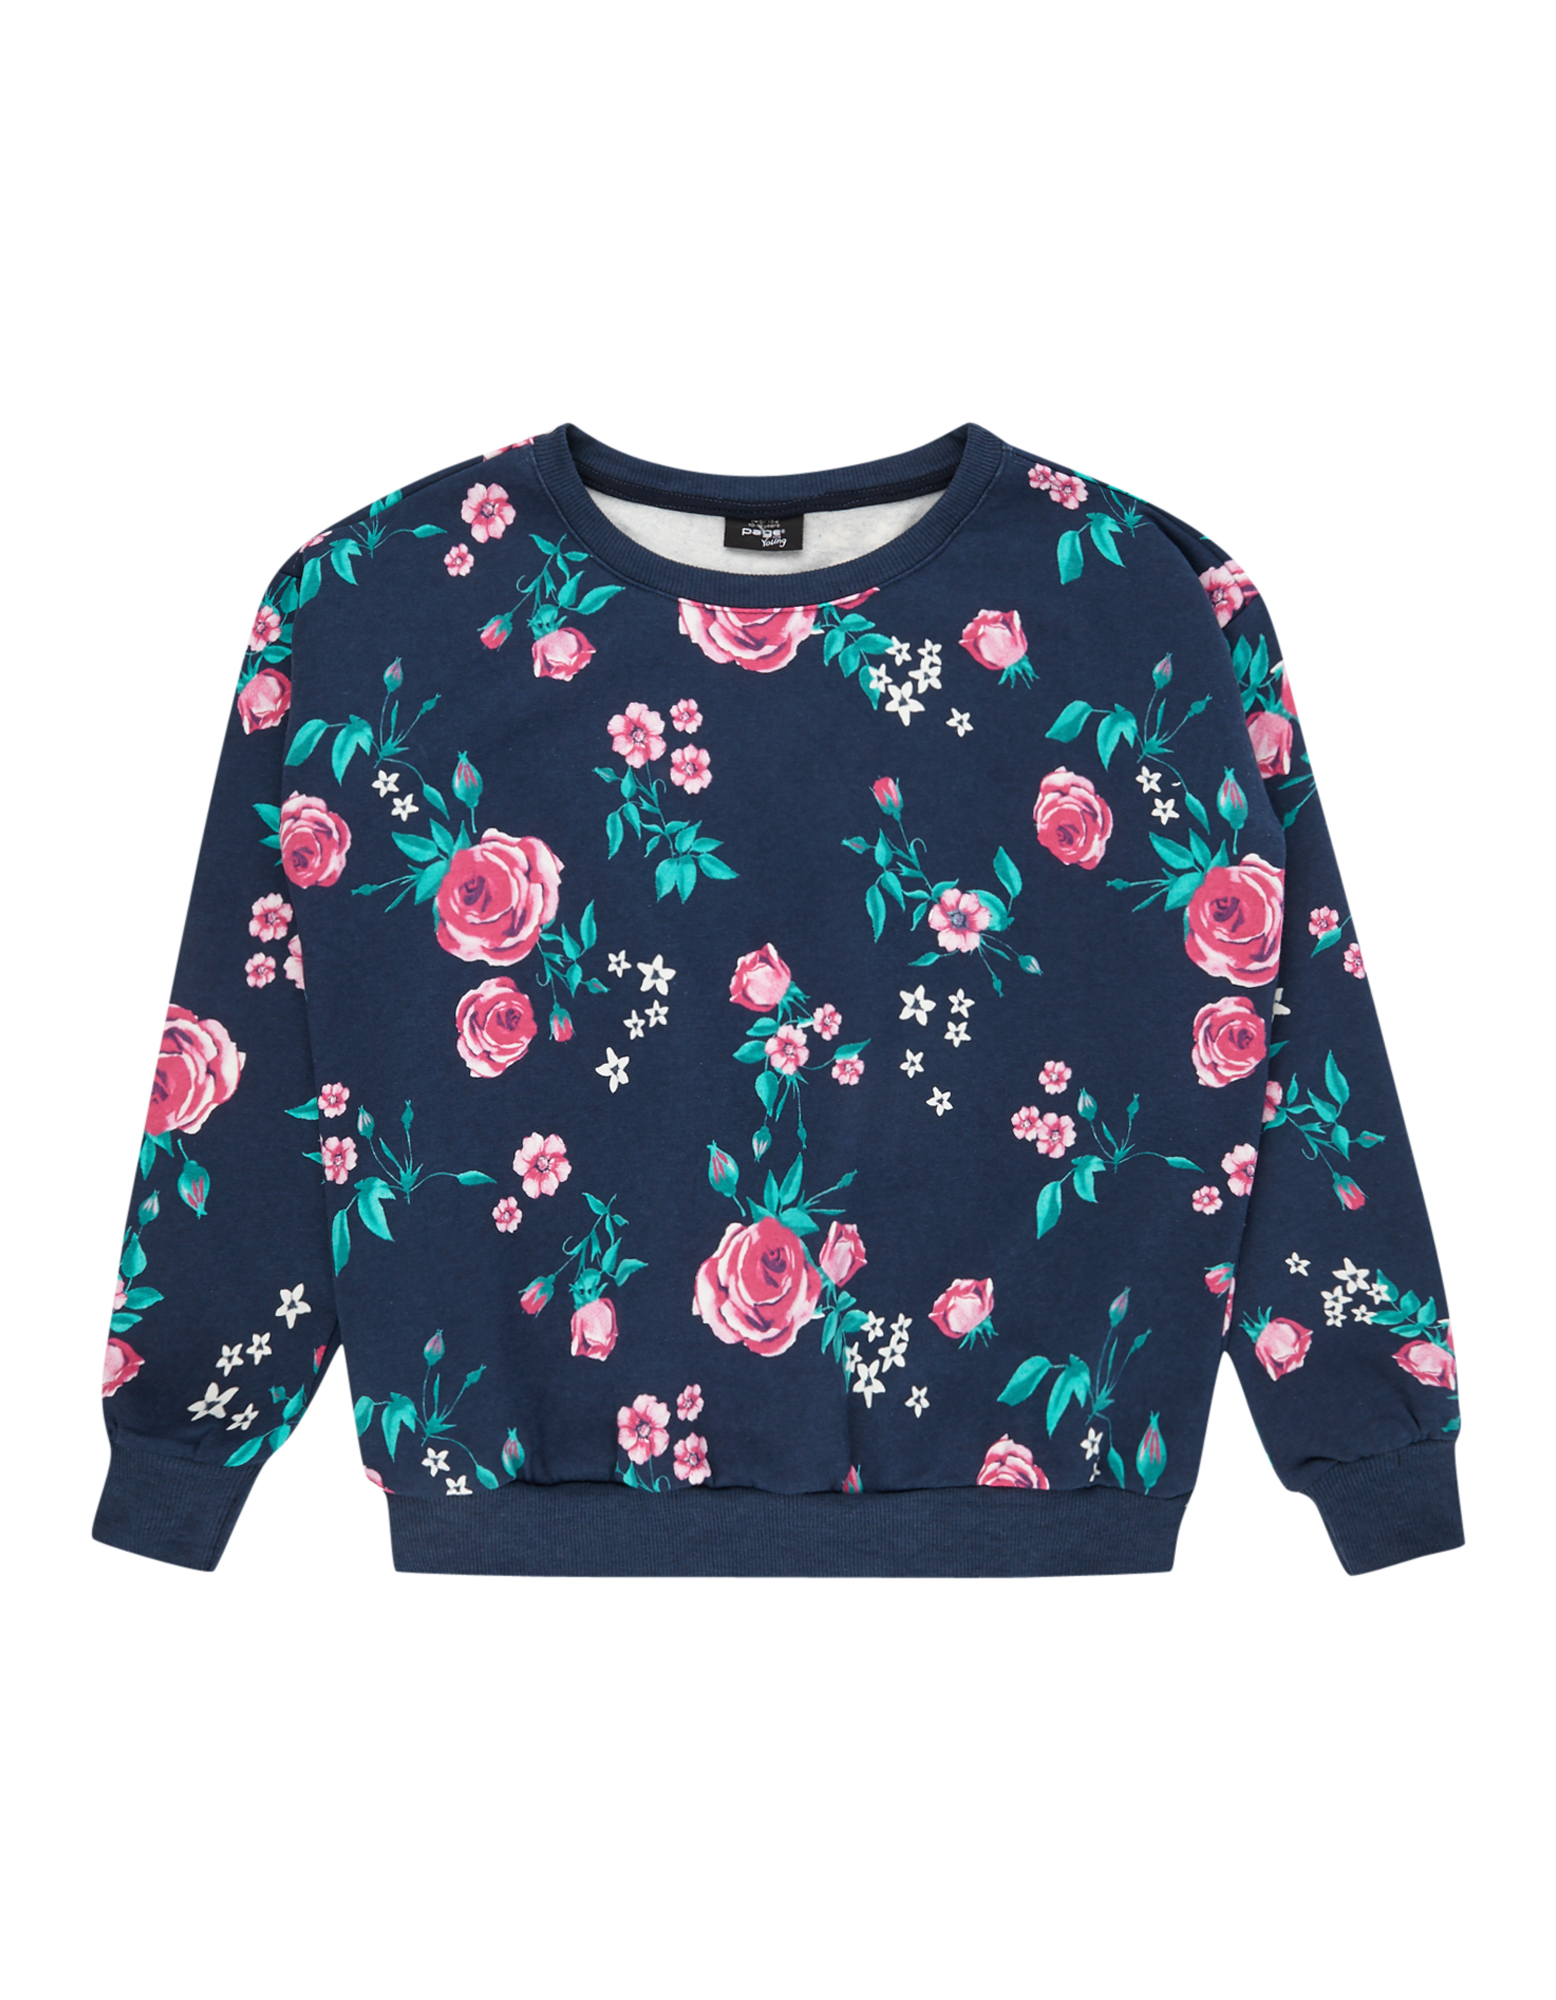 Mädchen Sweatshirt mit floralen Prints blau,bunt,mehrfarbig | 81488235700301